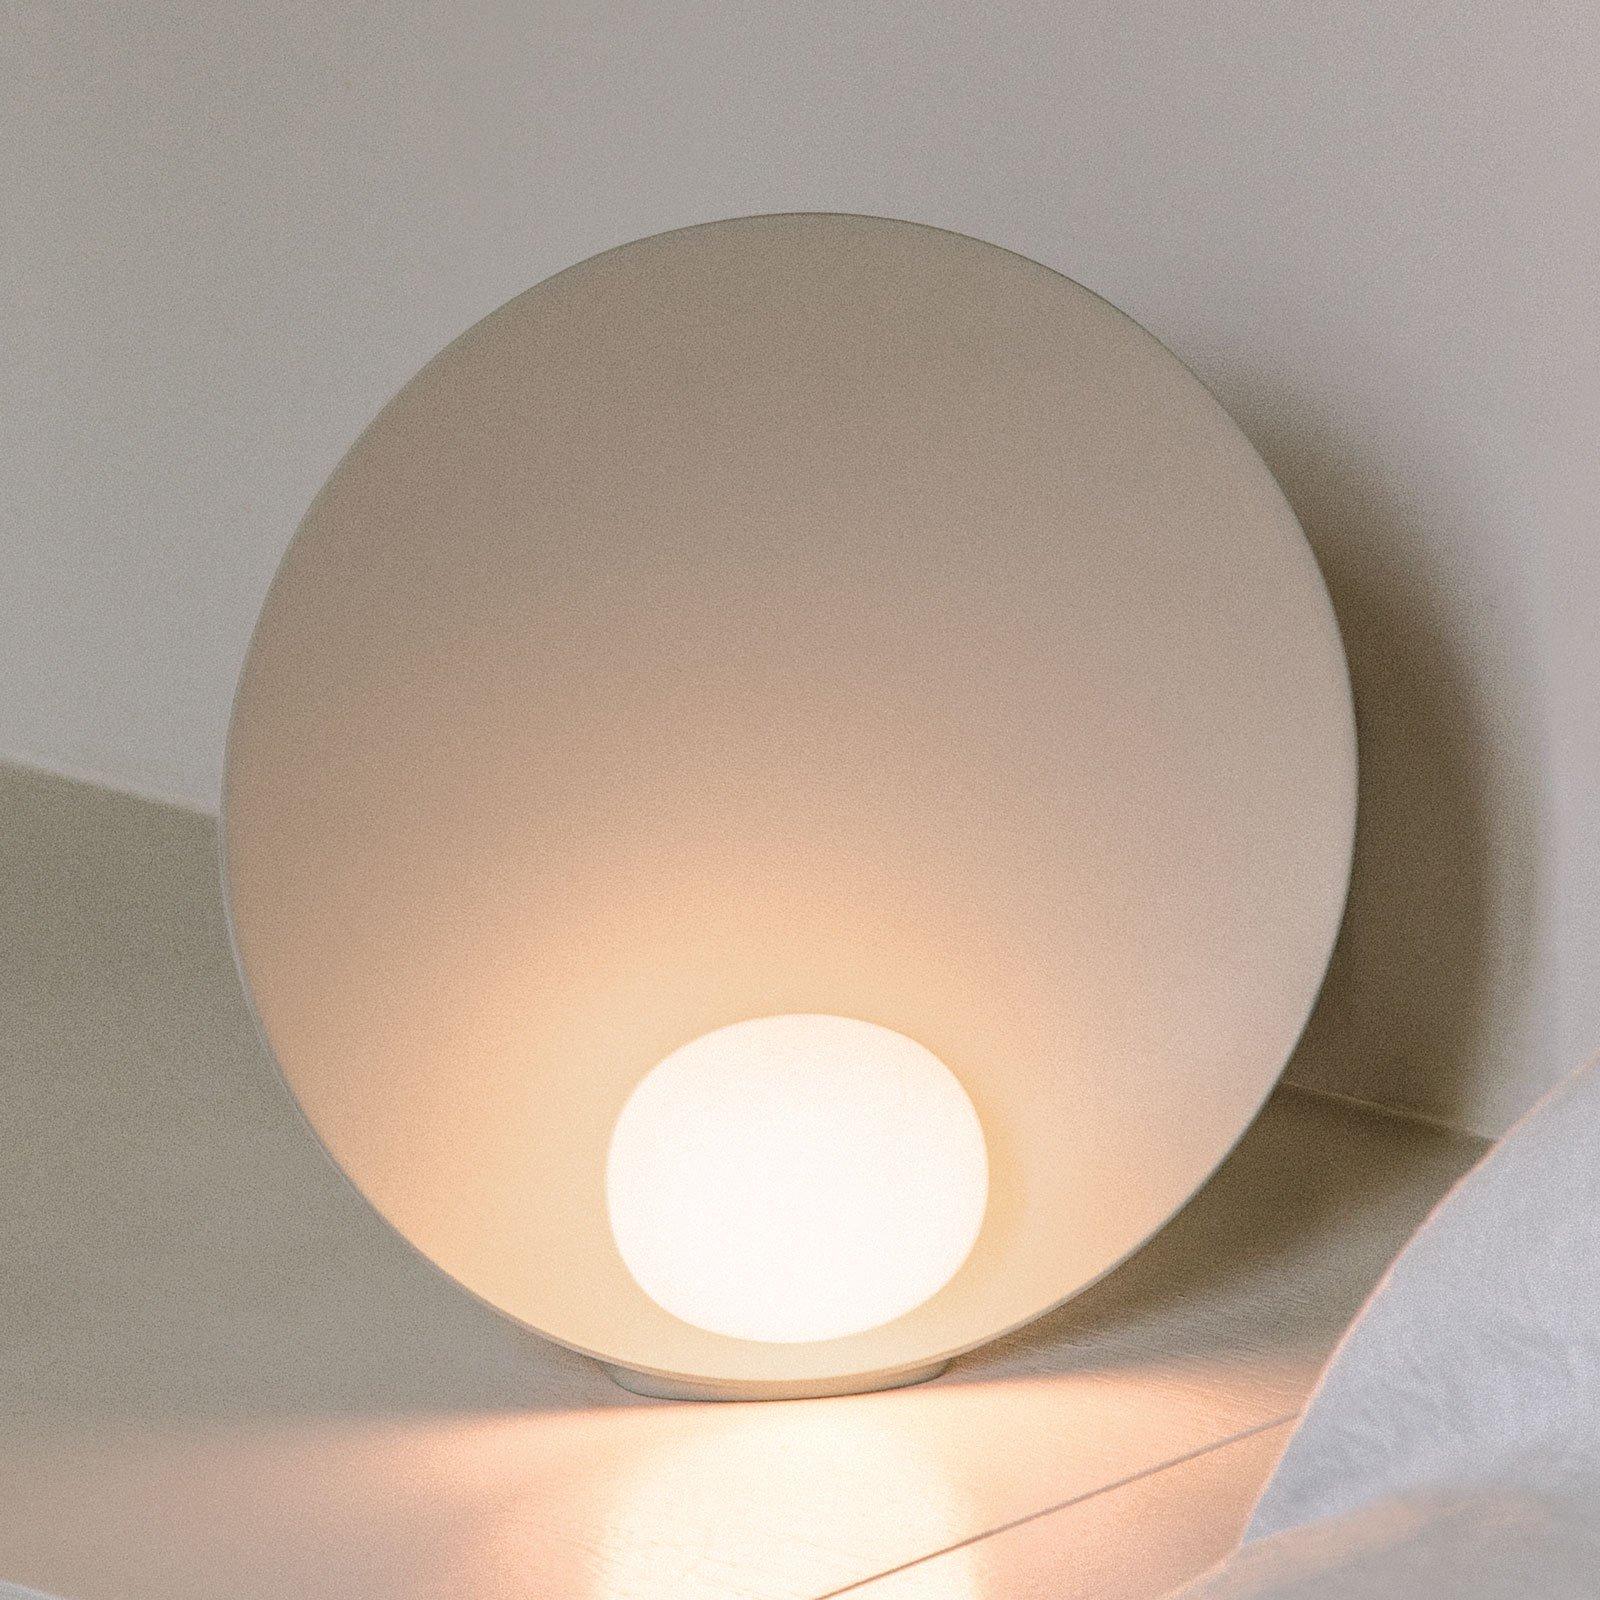 Vibia Musa 7400 LED-bordlampe stående, taupe